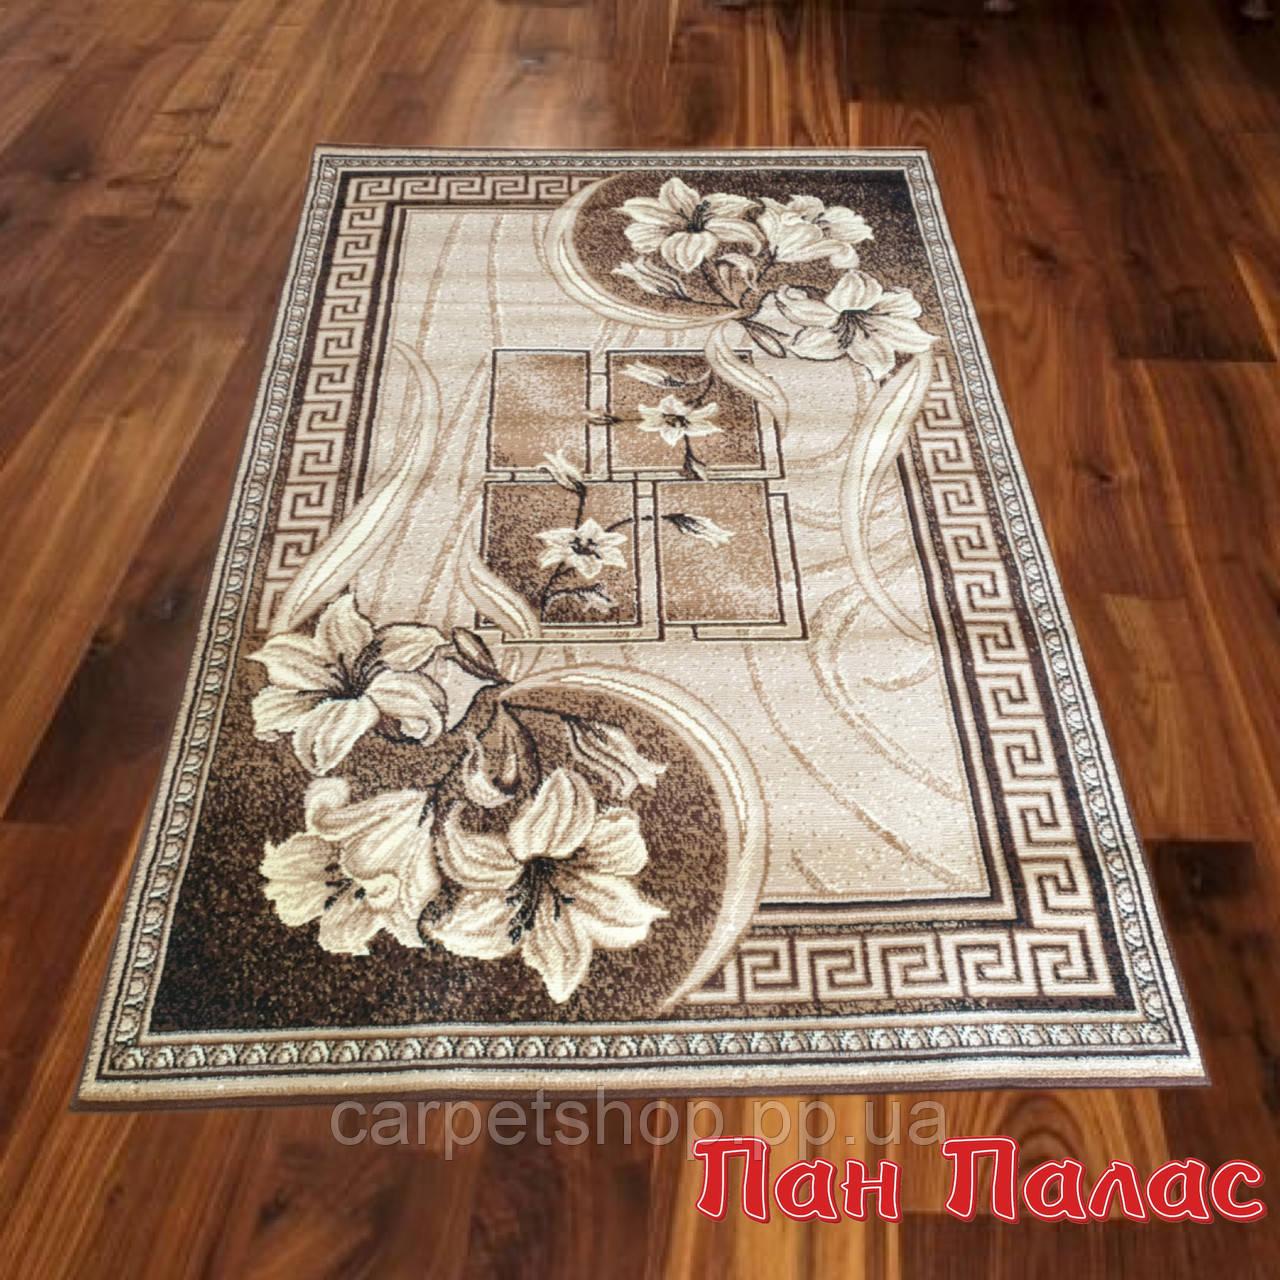 300*600 см Килим Gold виробник Karat Carpet Україна з абстрактним малюнком